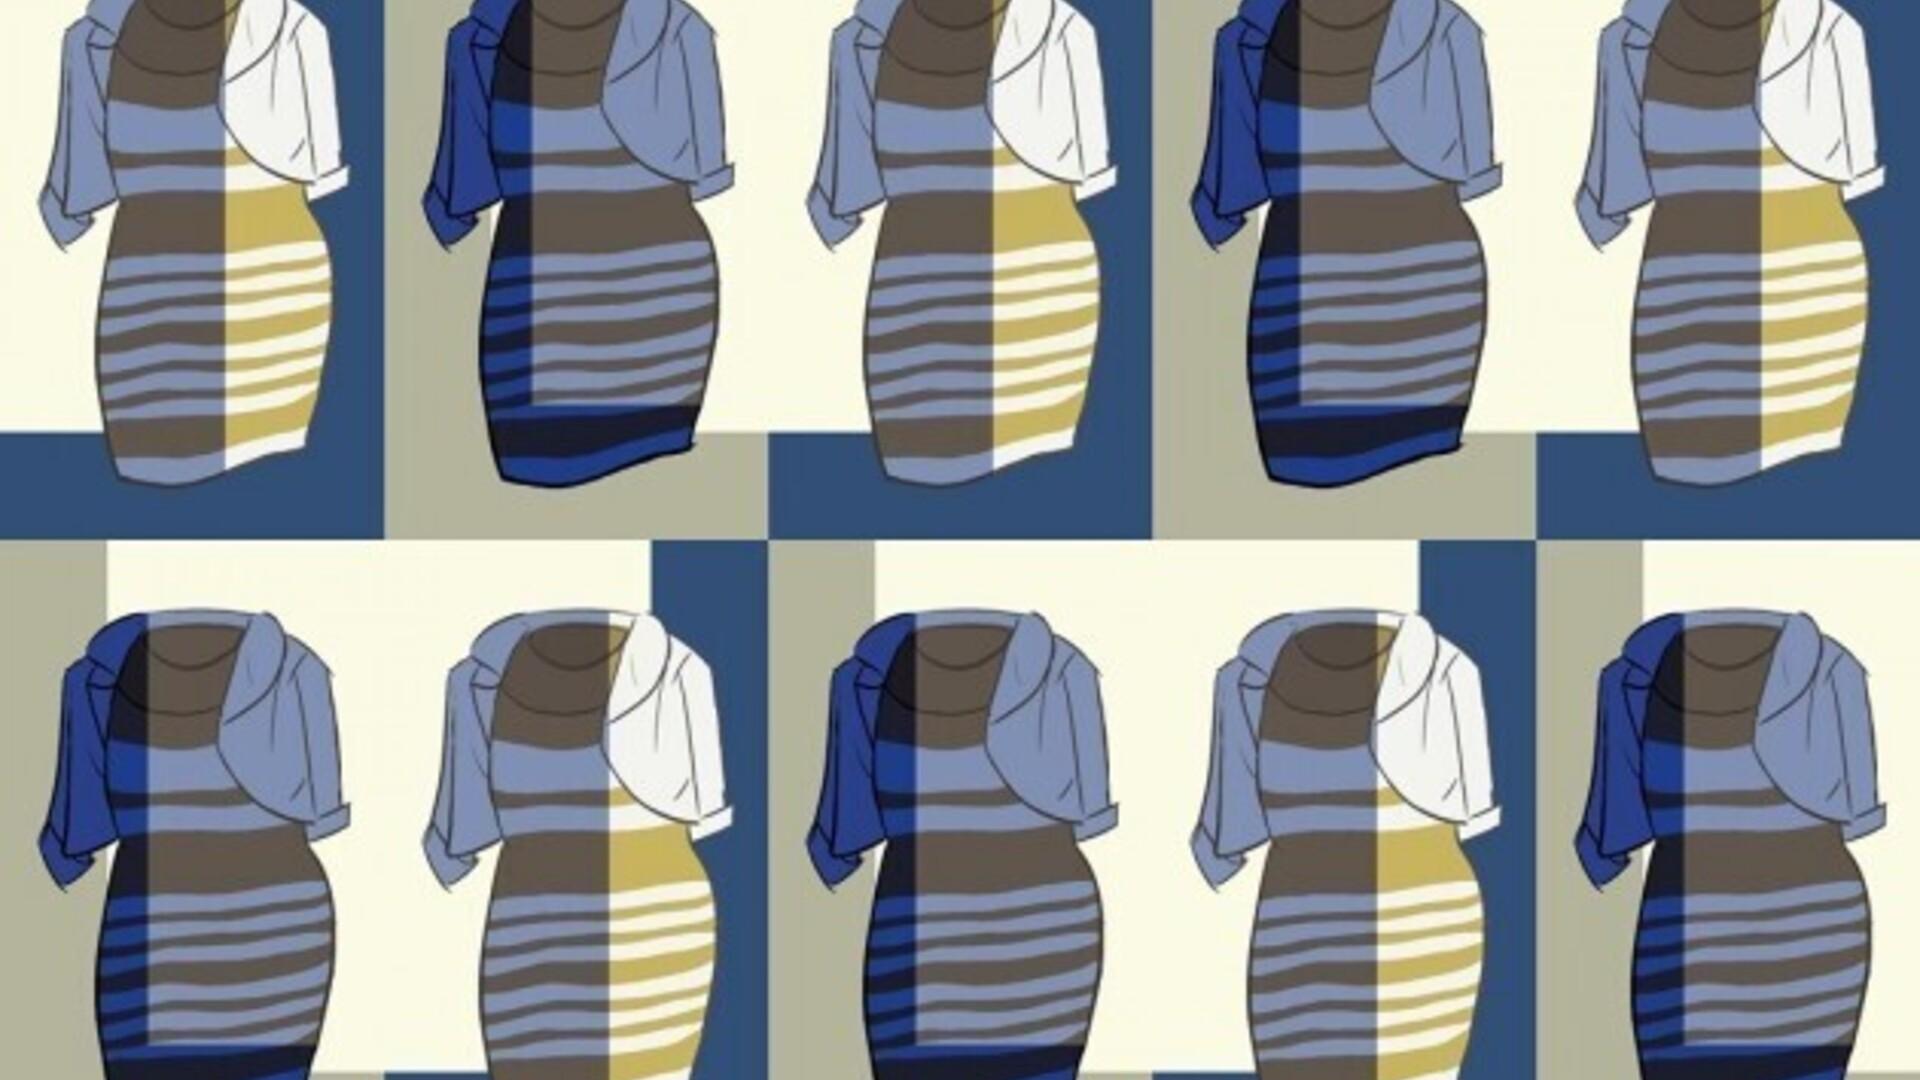 0d802a03d22 Sini-must kleit jõudis teaduskirjandusse | Psüühika | ERR